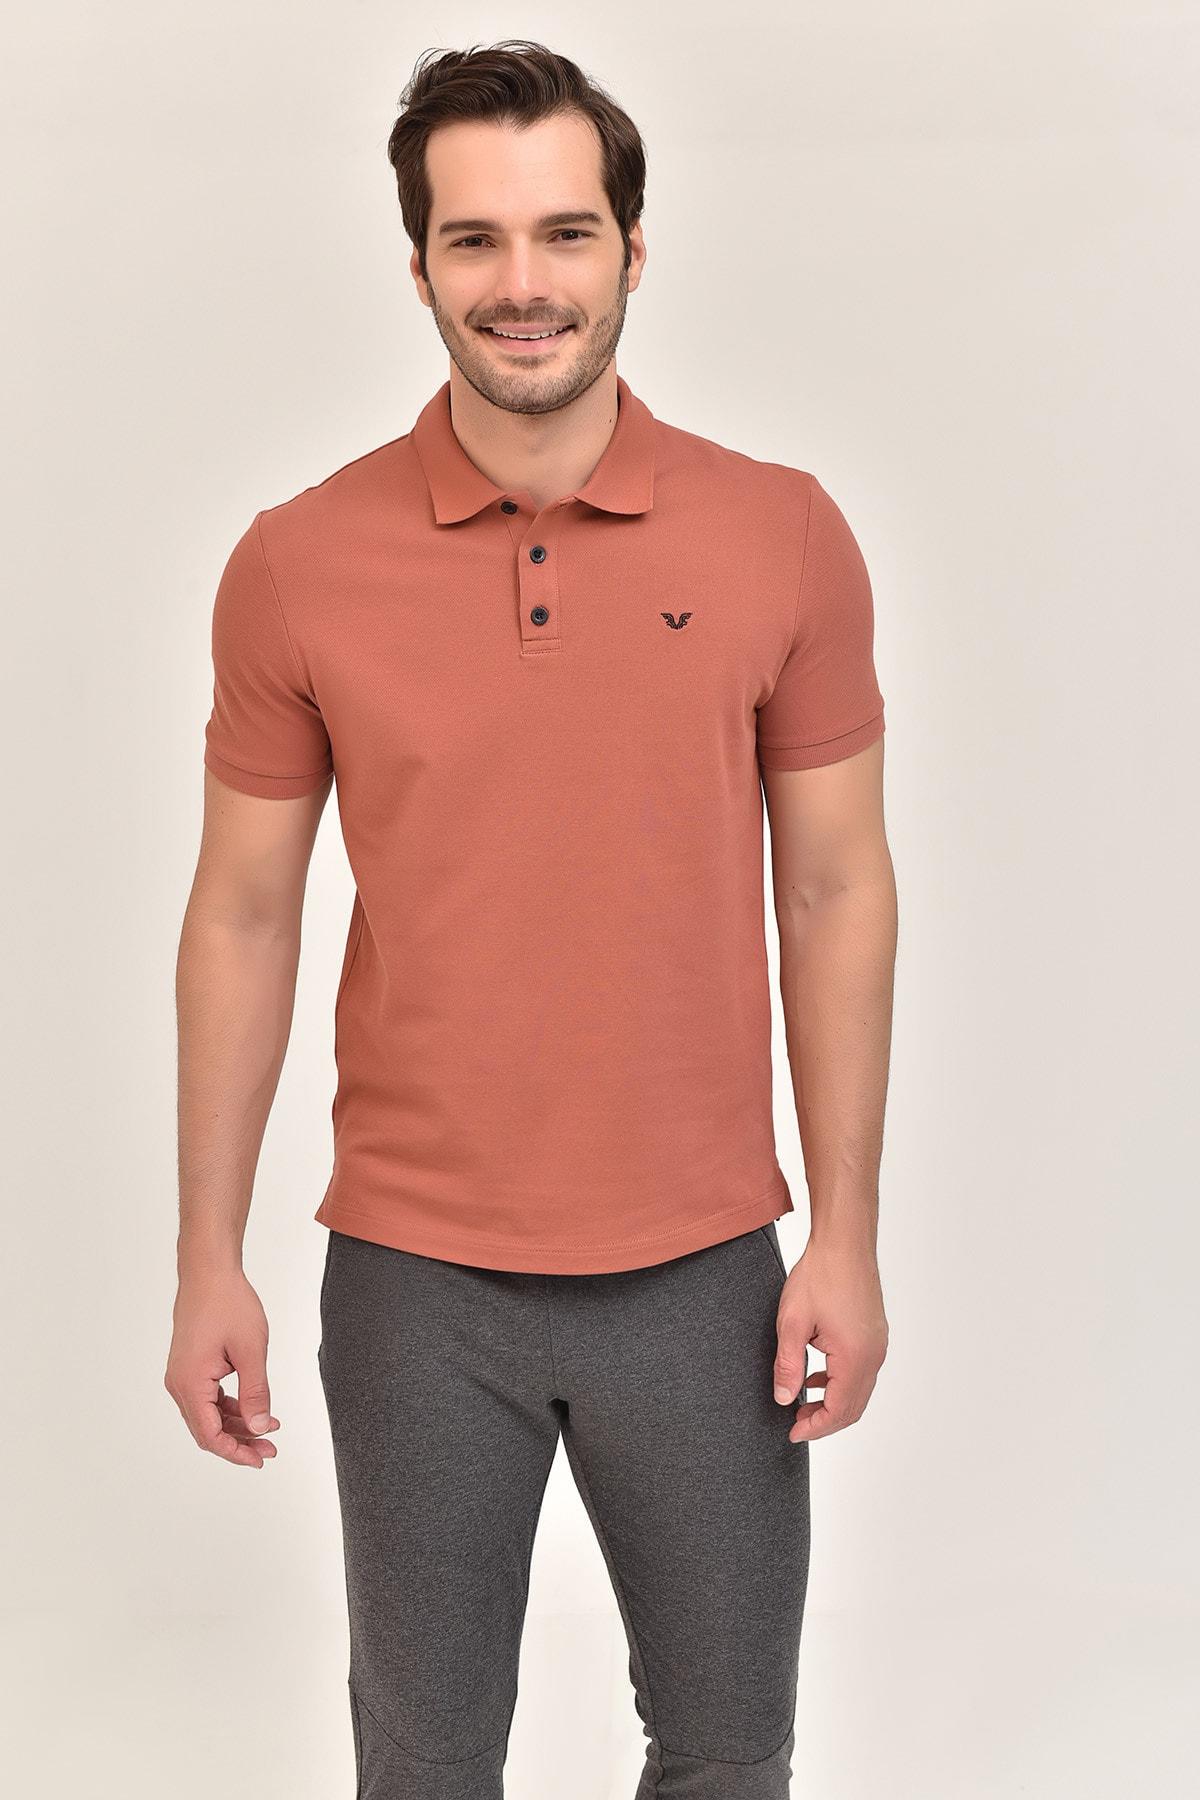 bilcee Kahverengi Büyük Beden Polo Yaka Erkek T-Shirt GS-8983 1